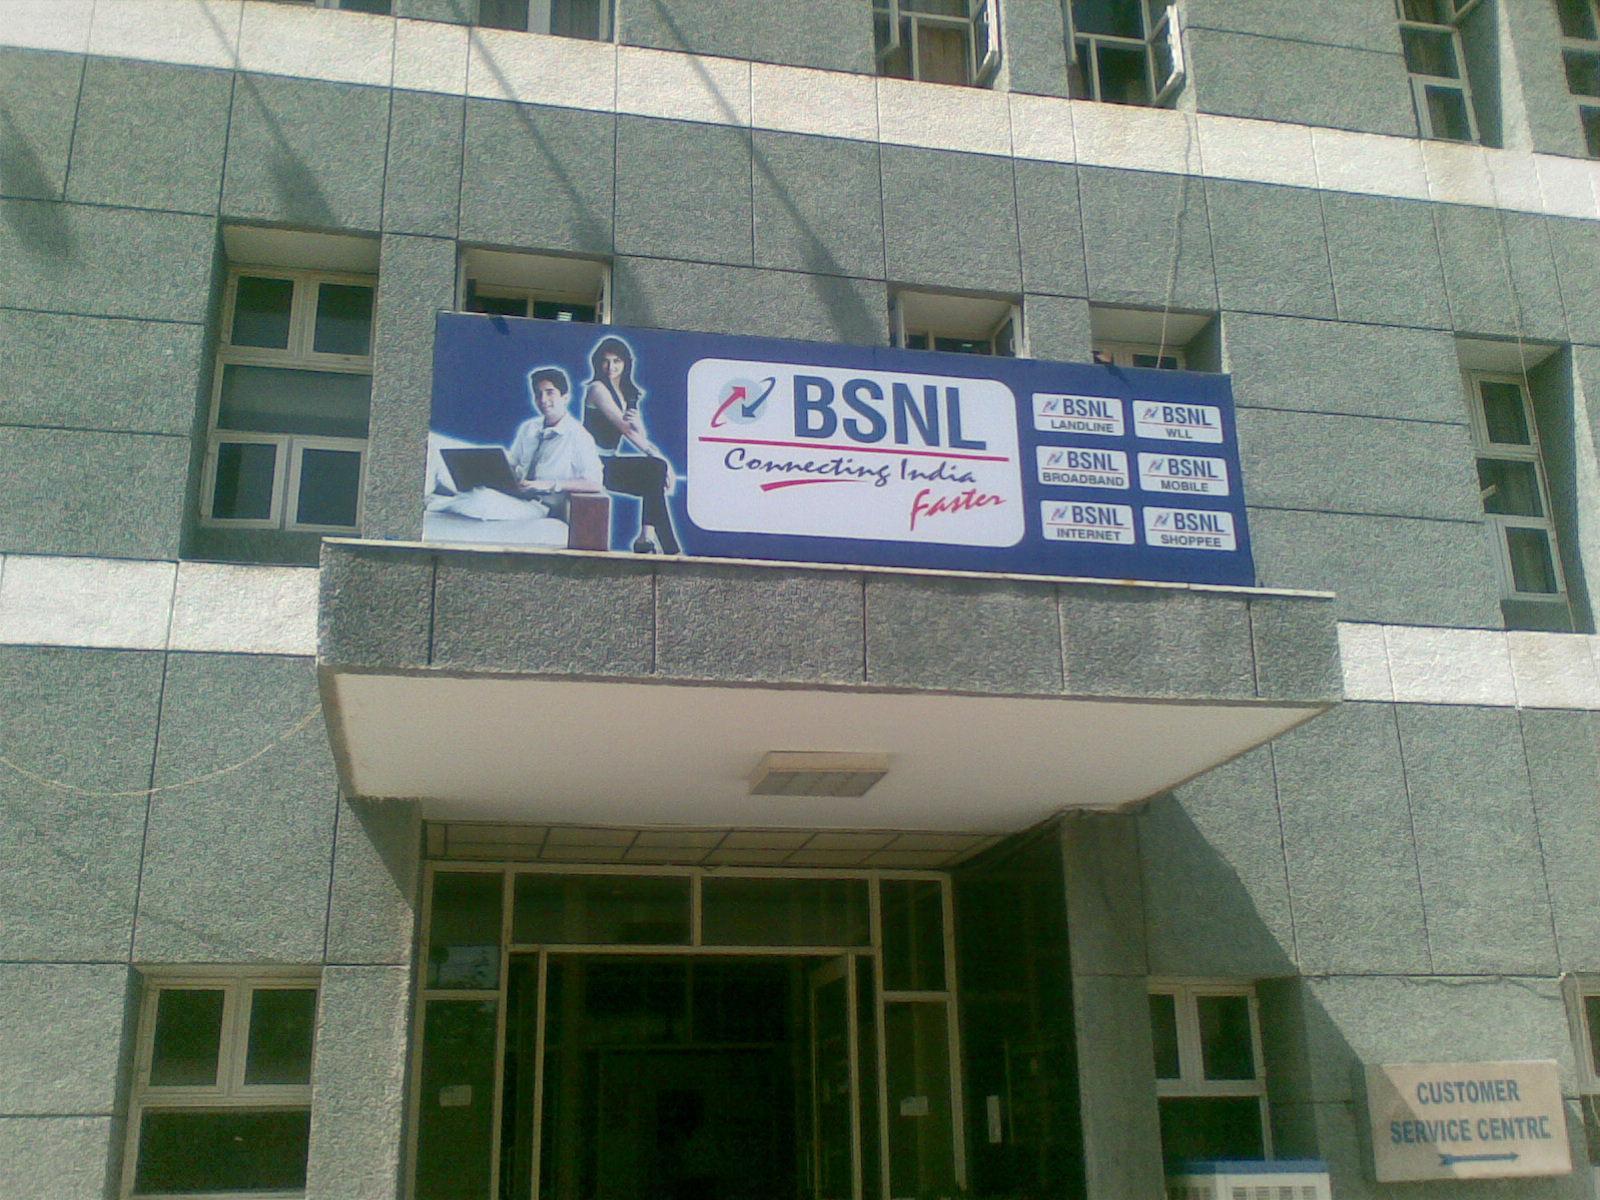 কেন্দ্রের কাছে সাহায্যের আকুতি BSNL-এর